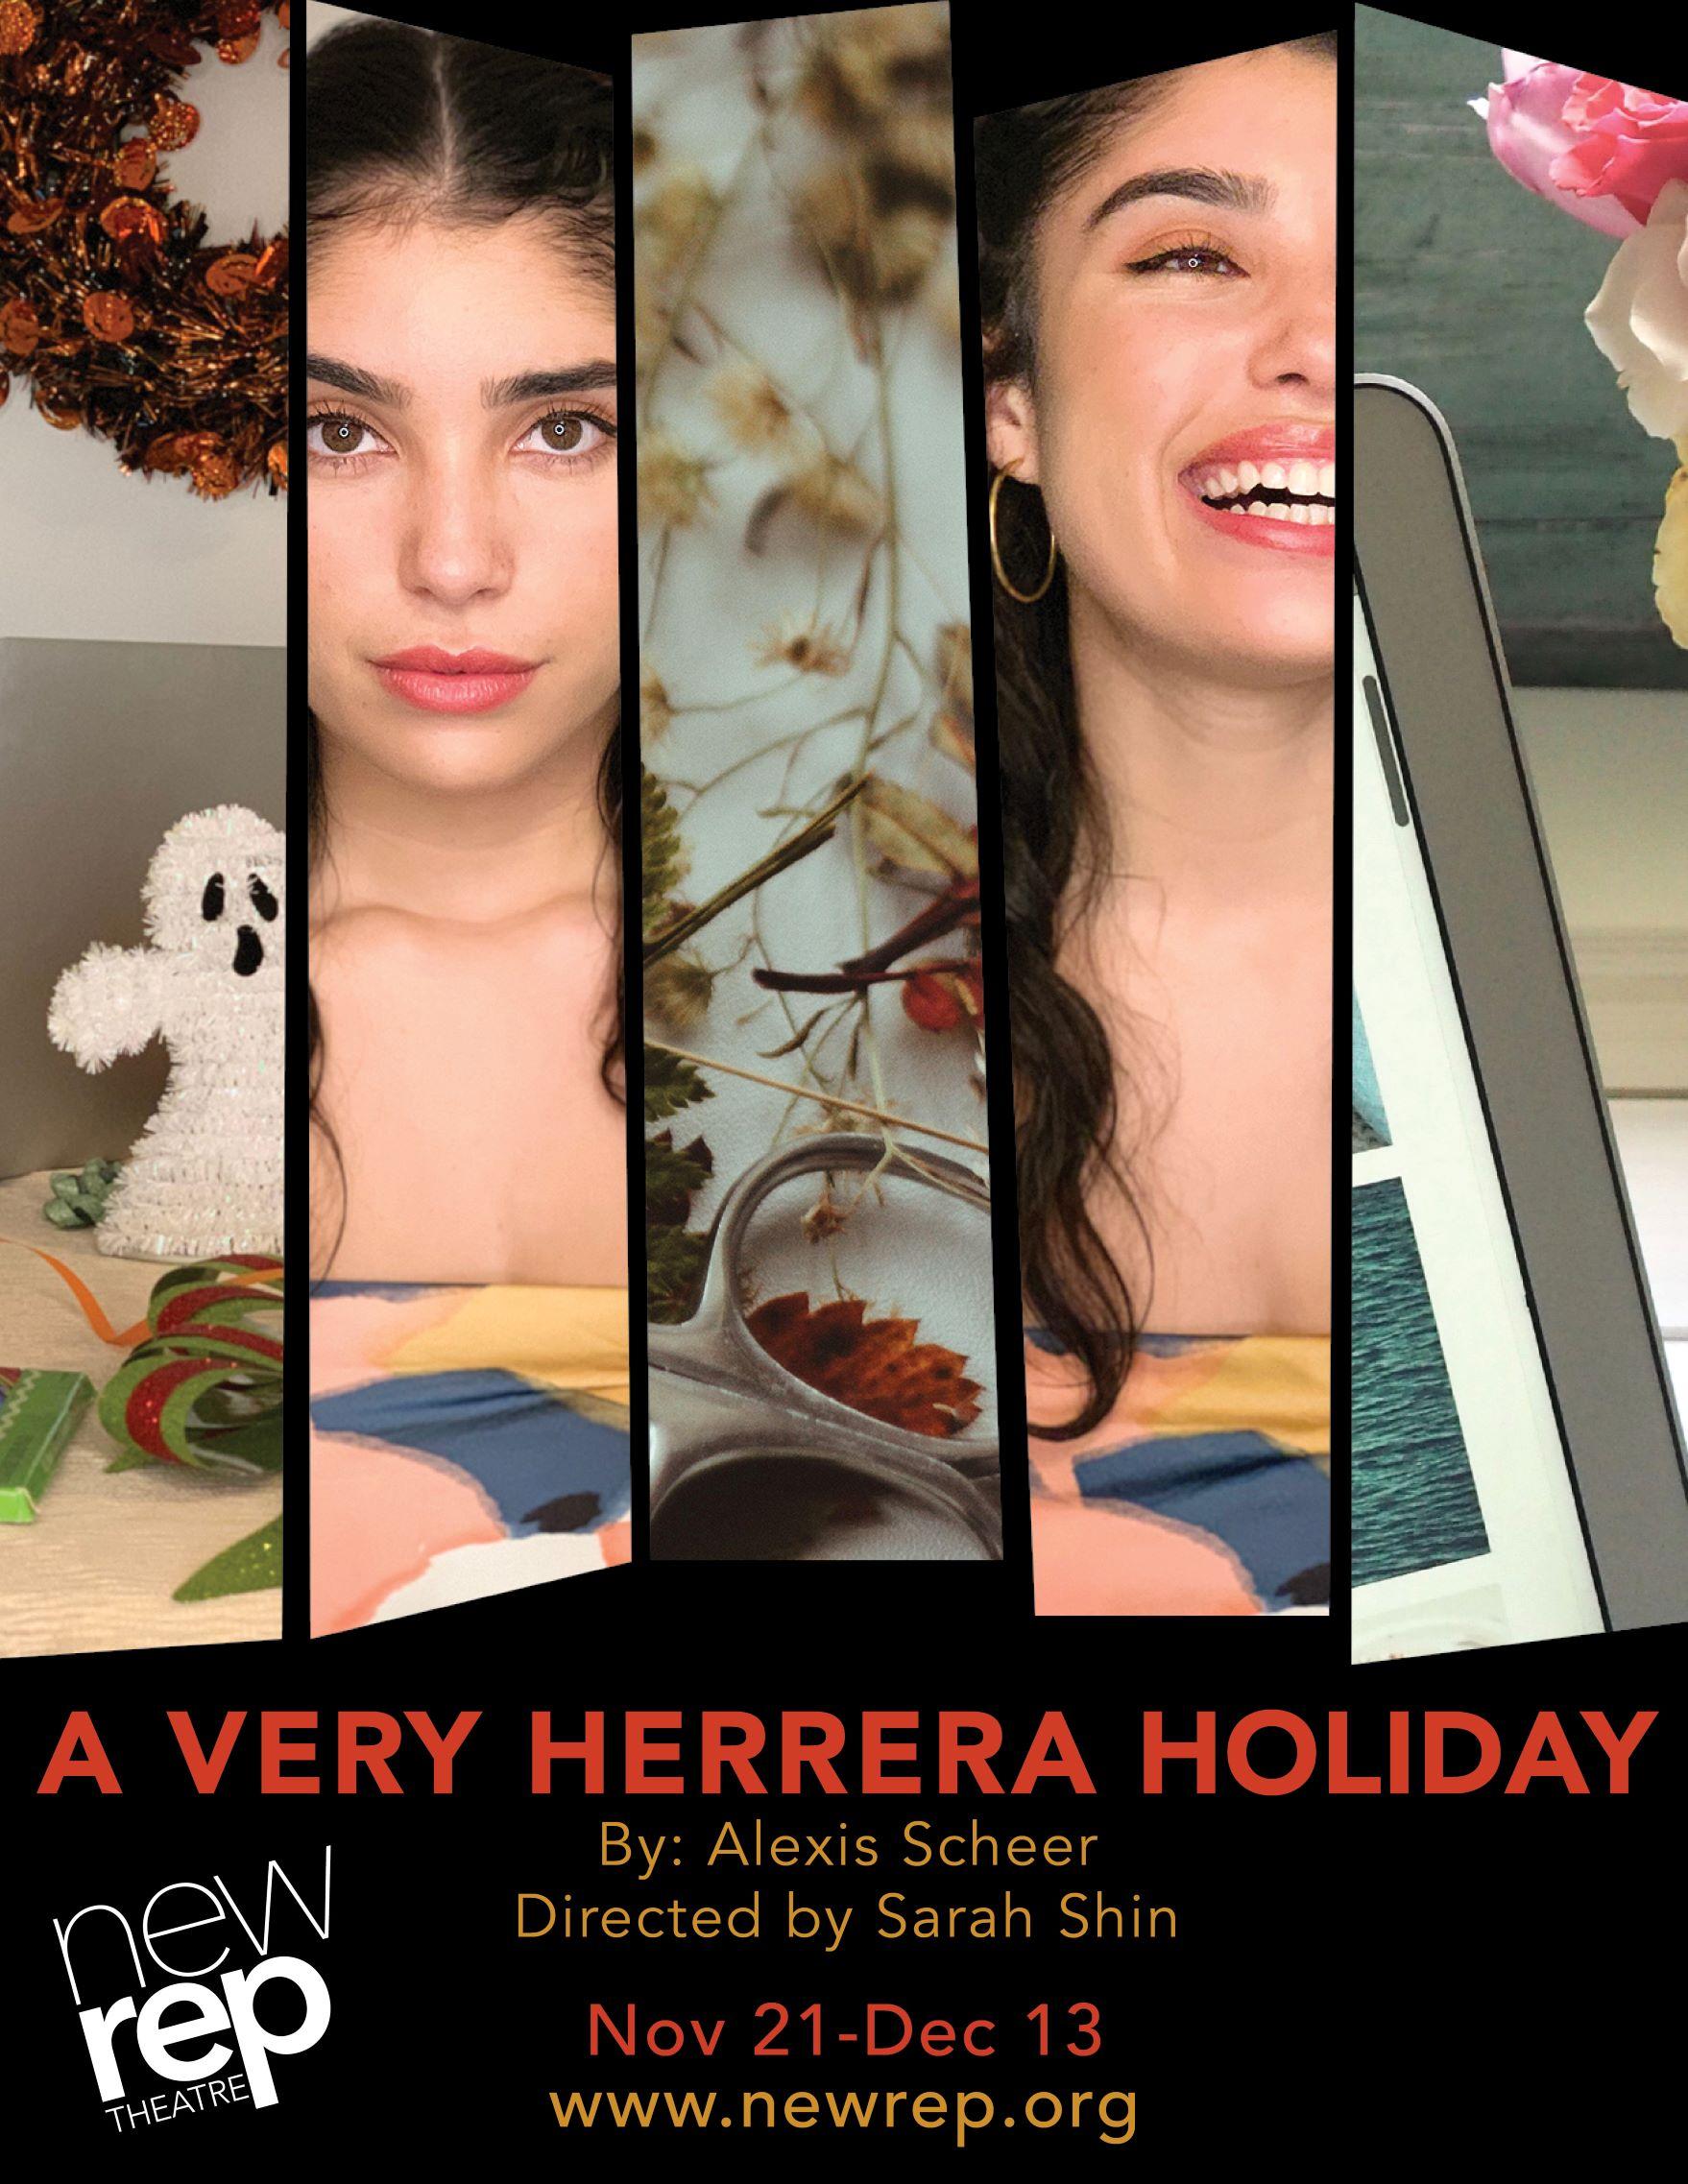 A Very Herrera Holiday